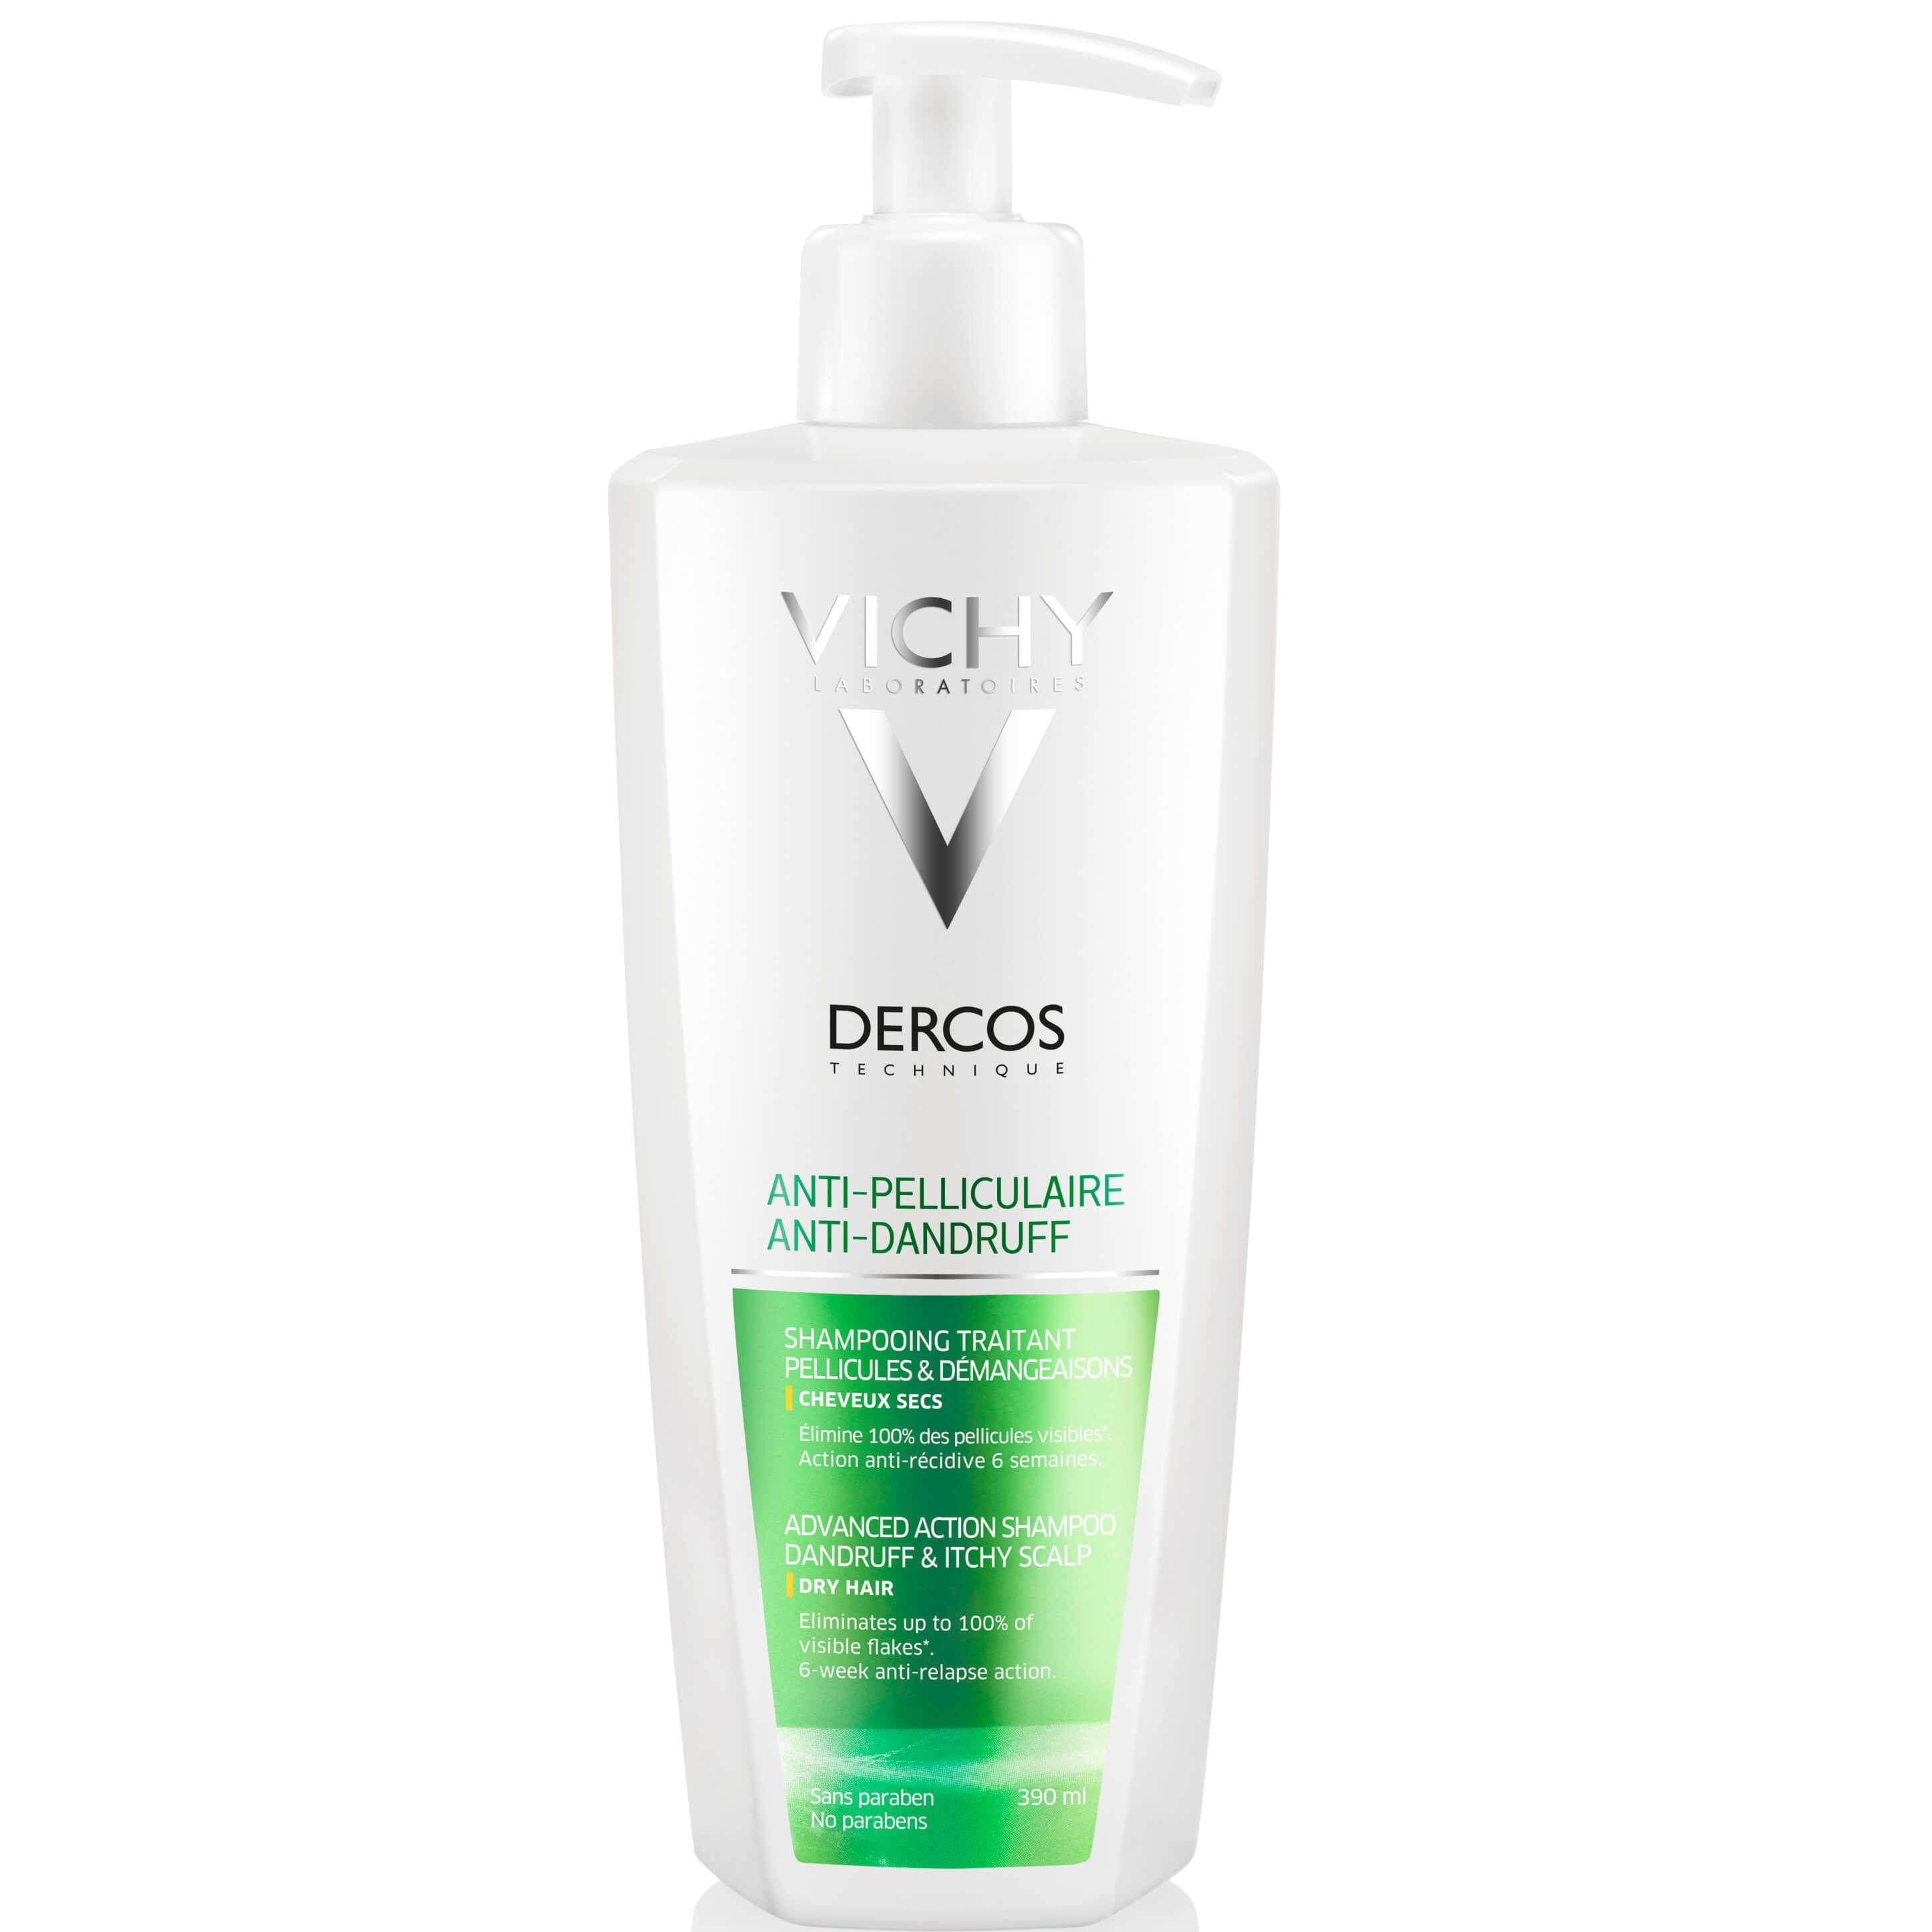 Vichy Dercos Anti-Dandruff DS Shampoo for Dry Hair Αντιπυτιριδικό Σαμπουάν για Ξηρά μαλλιά, 300ml & Δώρο 100ml